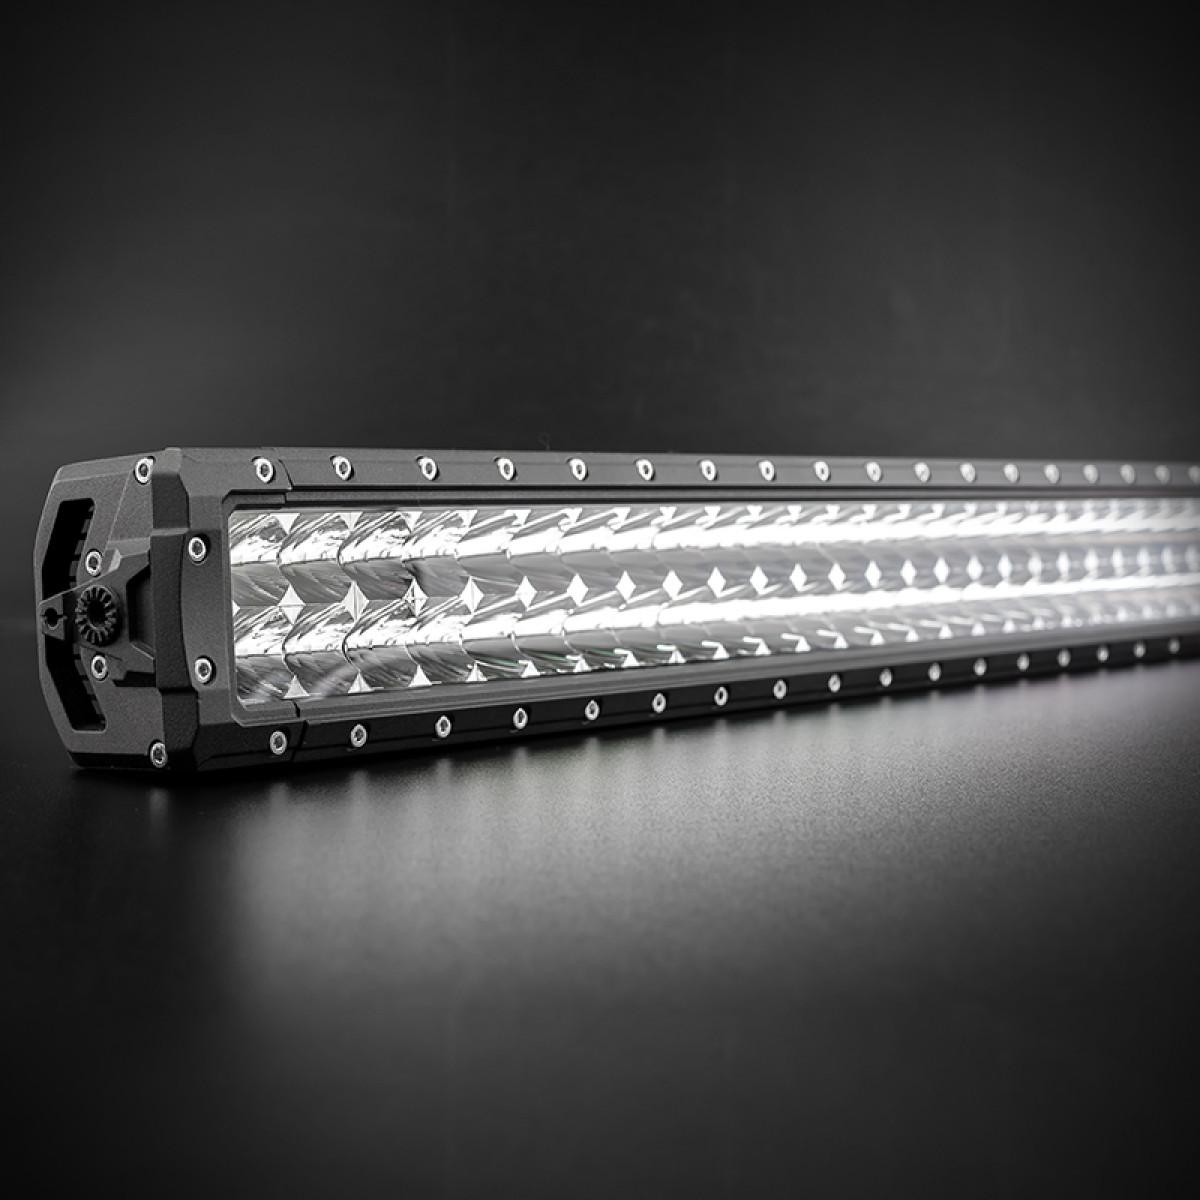 42 INCH ST4K 80 LED DOUBLE ROW LIGHT BAR